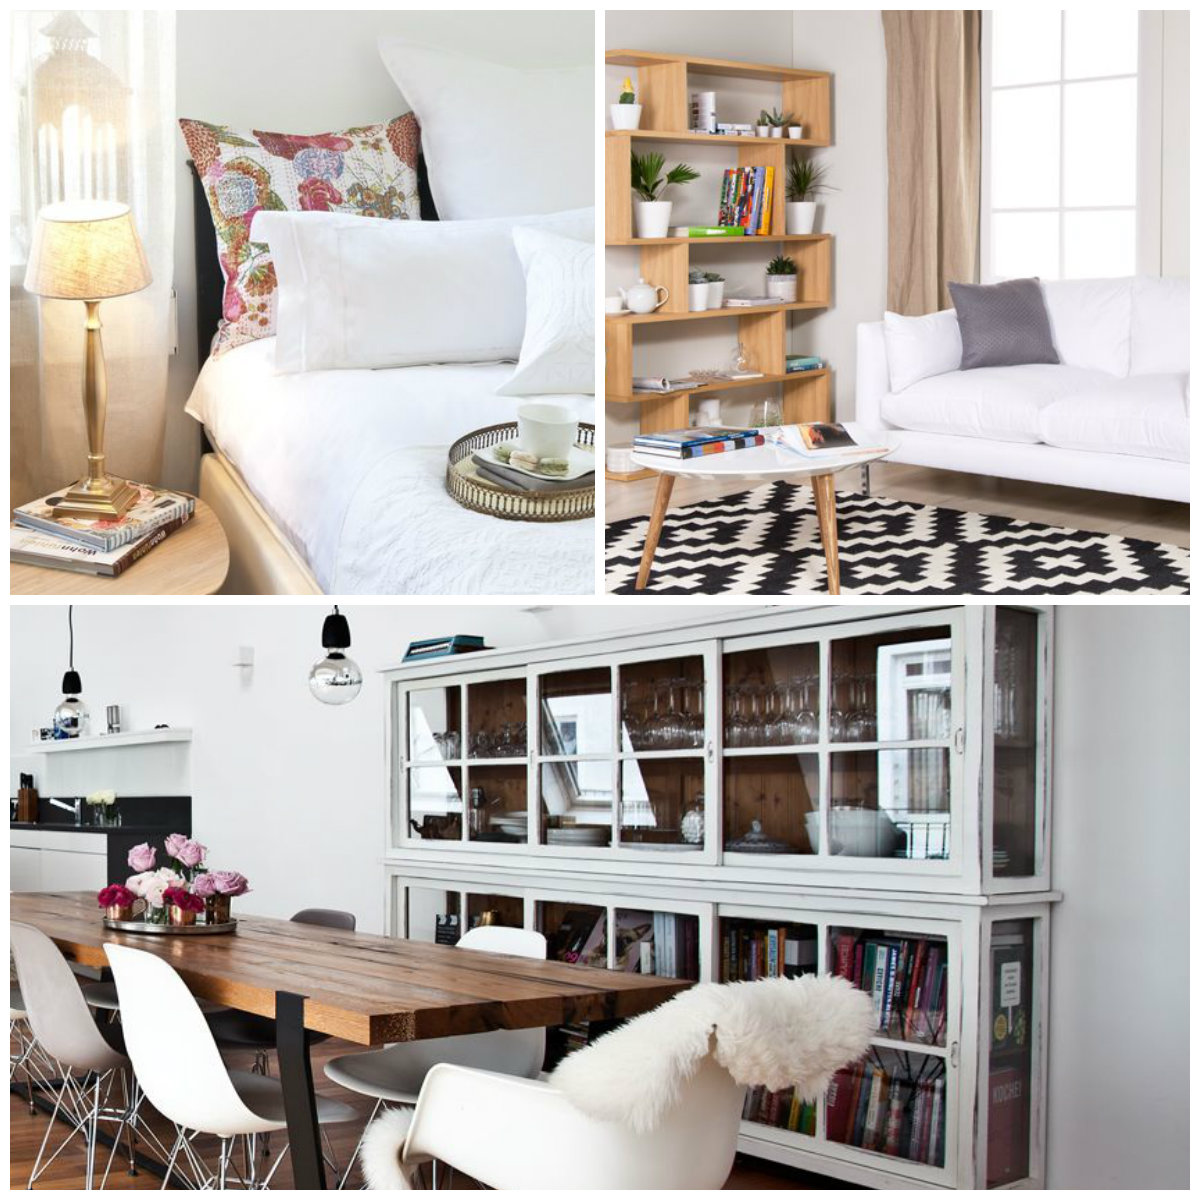 Arredare a poco prezzo le migliori idee e soluzioni per - Arredare casa a poco prezzo ...